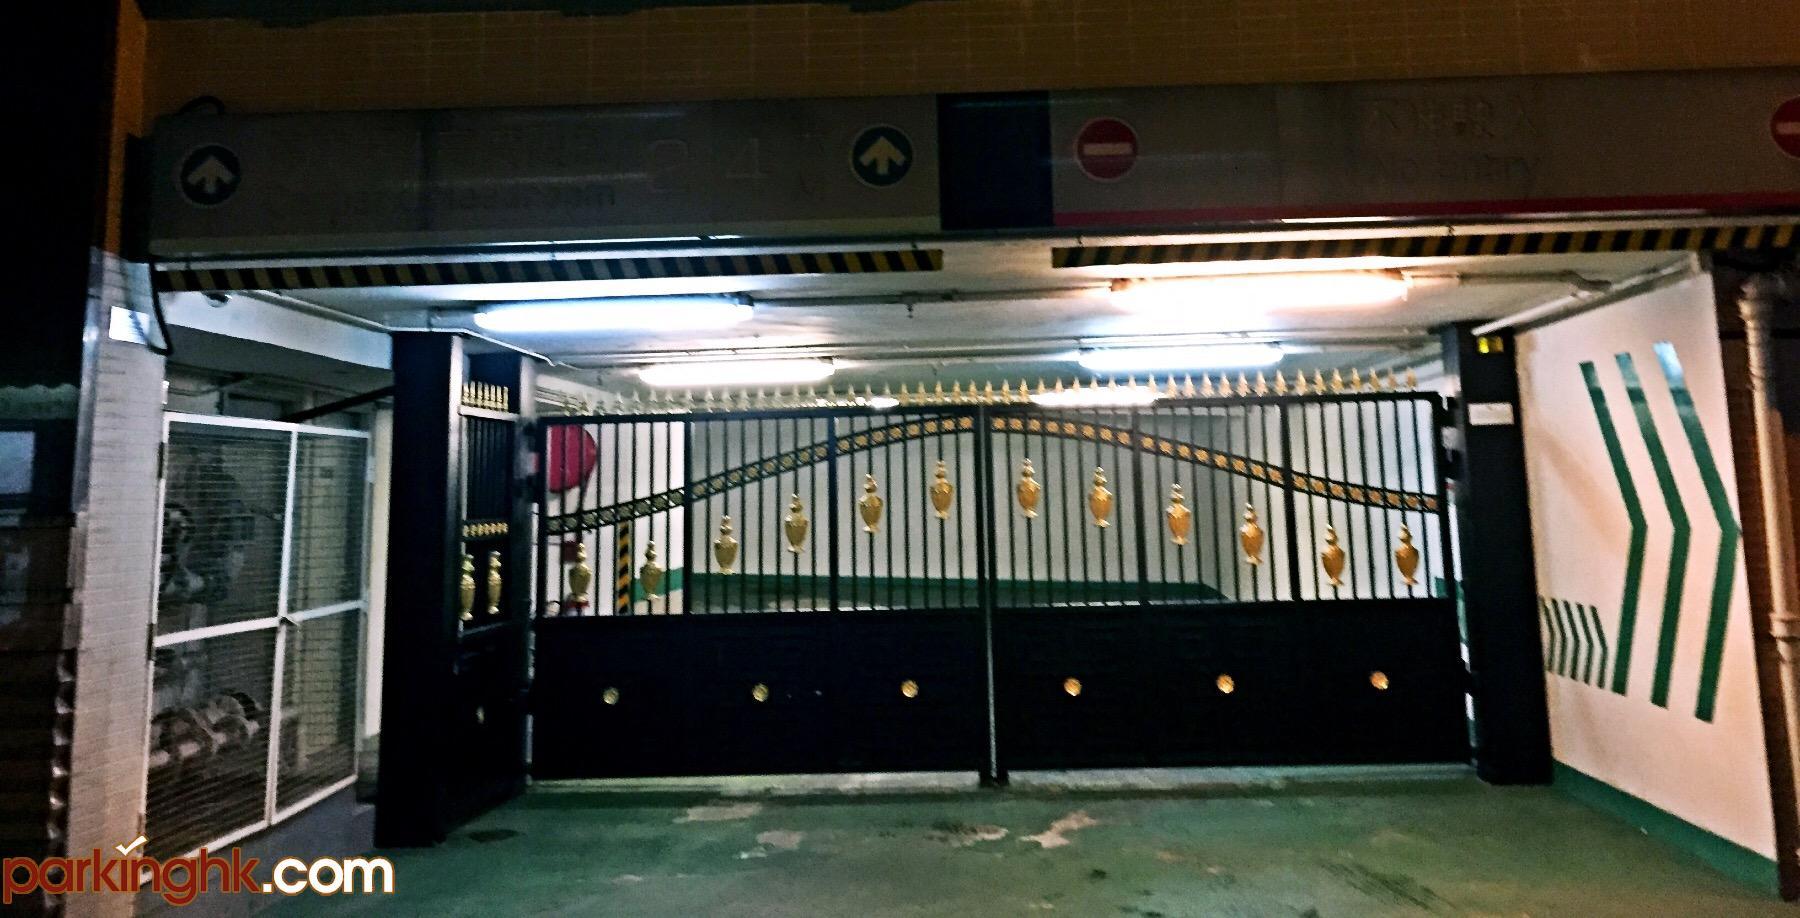 筲箕灣車位 西灣河街 君悅軒 車位 圖片 香港車位.com ParkingHK.com